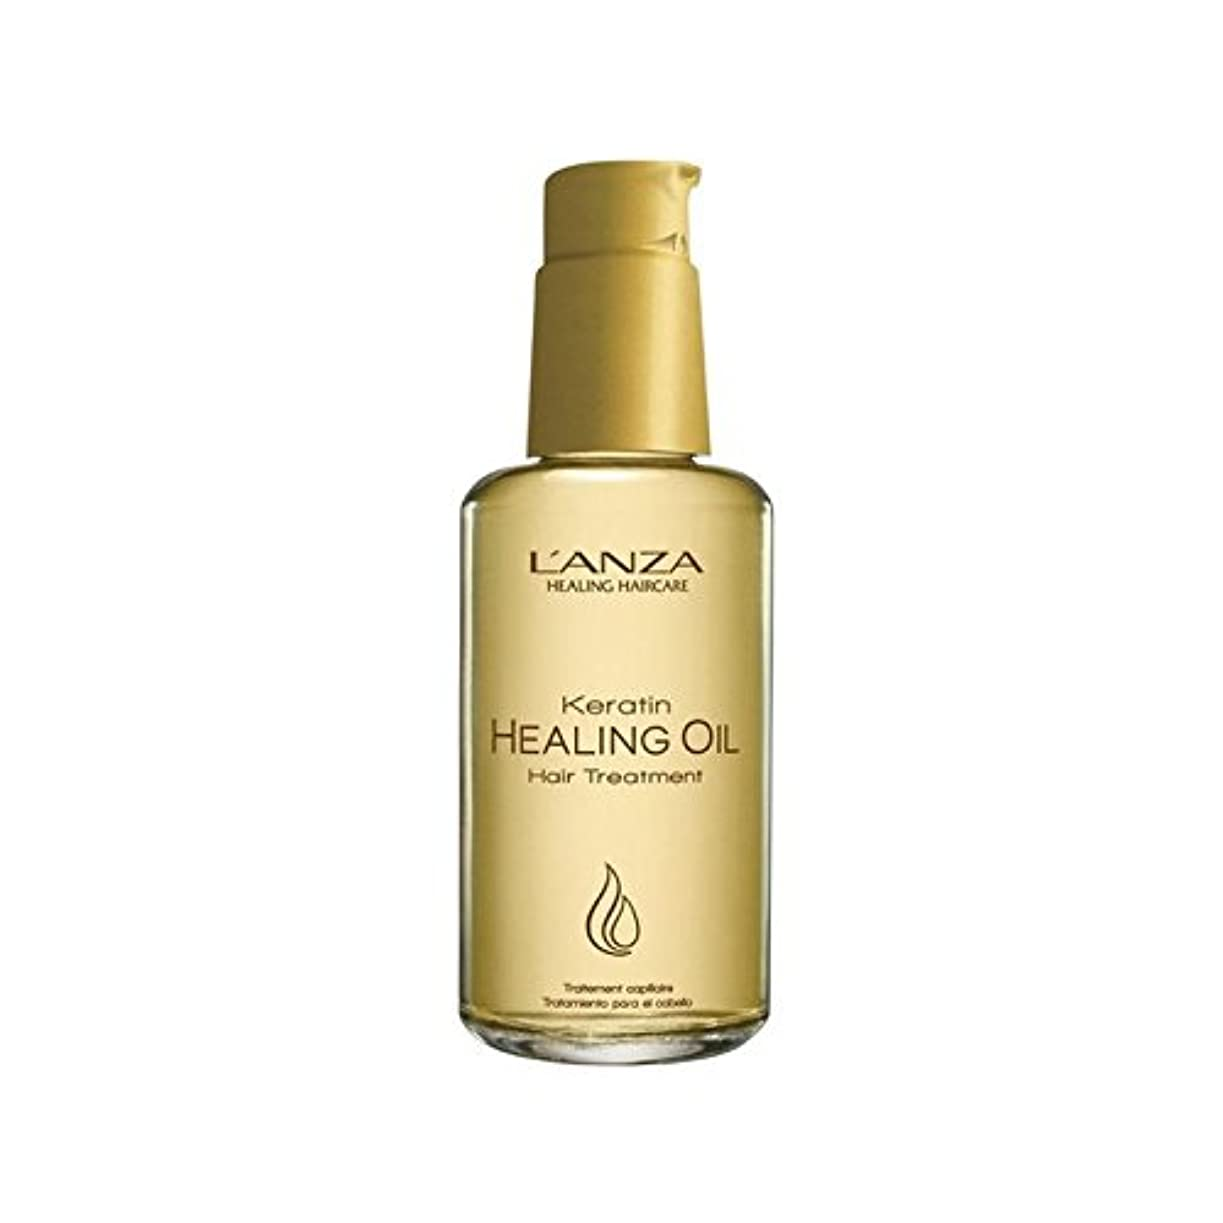 卵妊娠したピッチアンザケラチンオイルヘアトリートメント(100ミリリットル)を癒し x4 - L'Anza Keratin Healing Oil Hair Treatment (100ml) (Pack of 4) [並行輸入品]